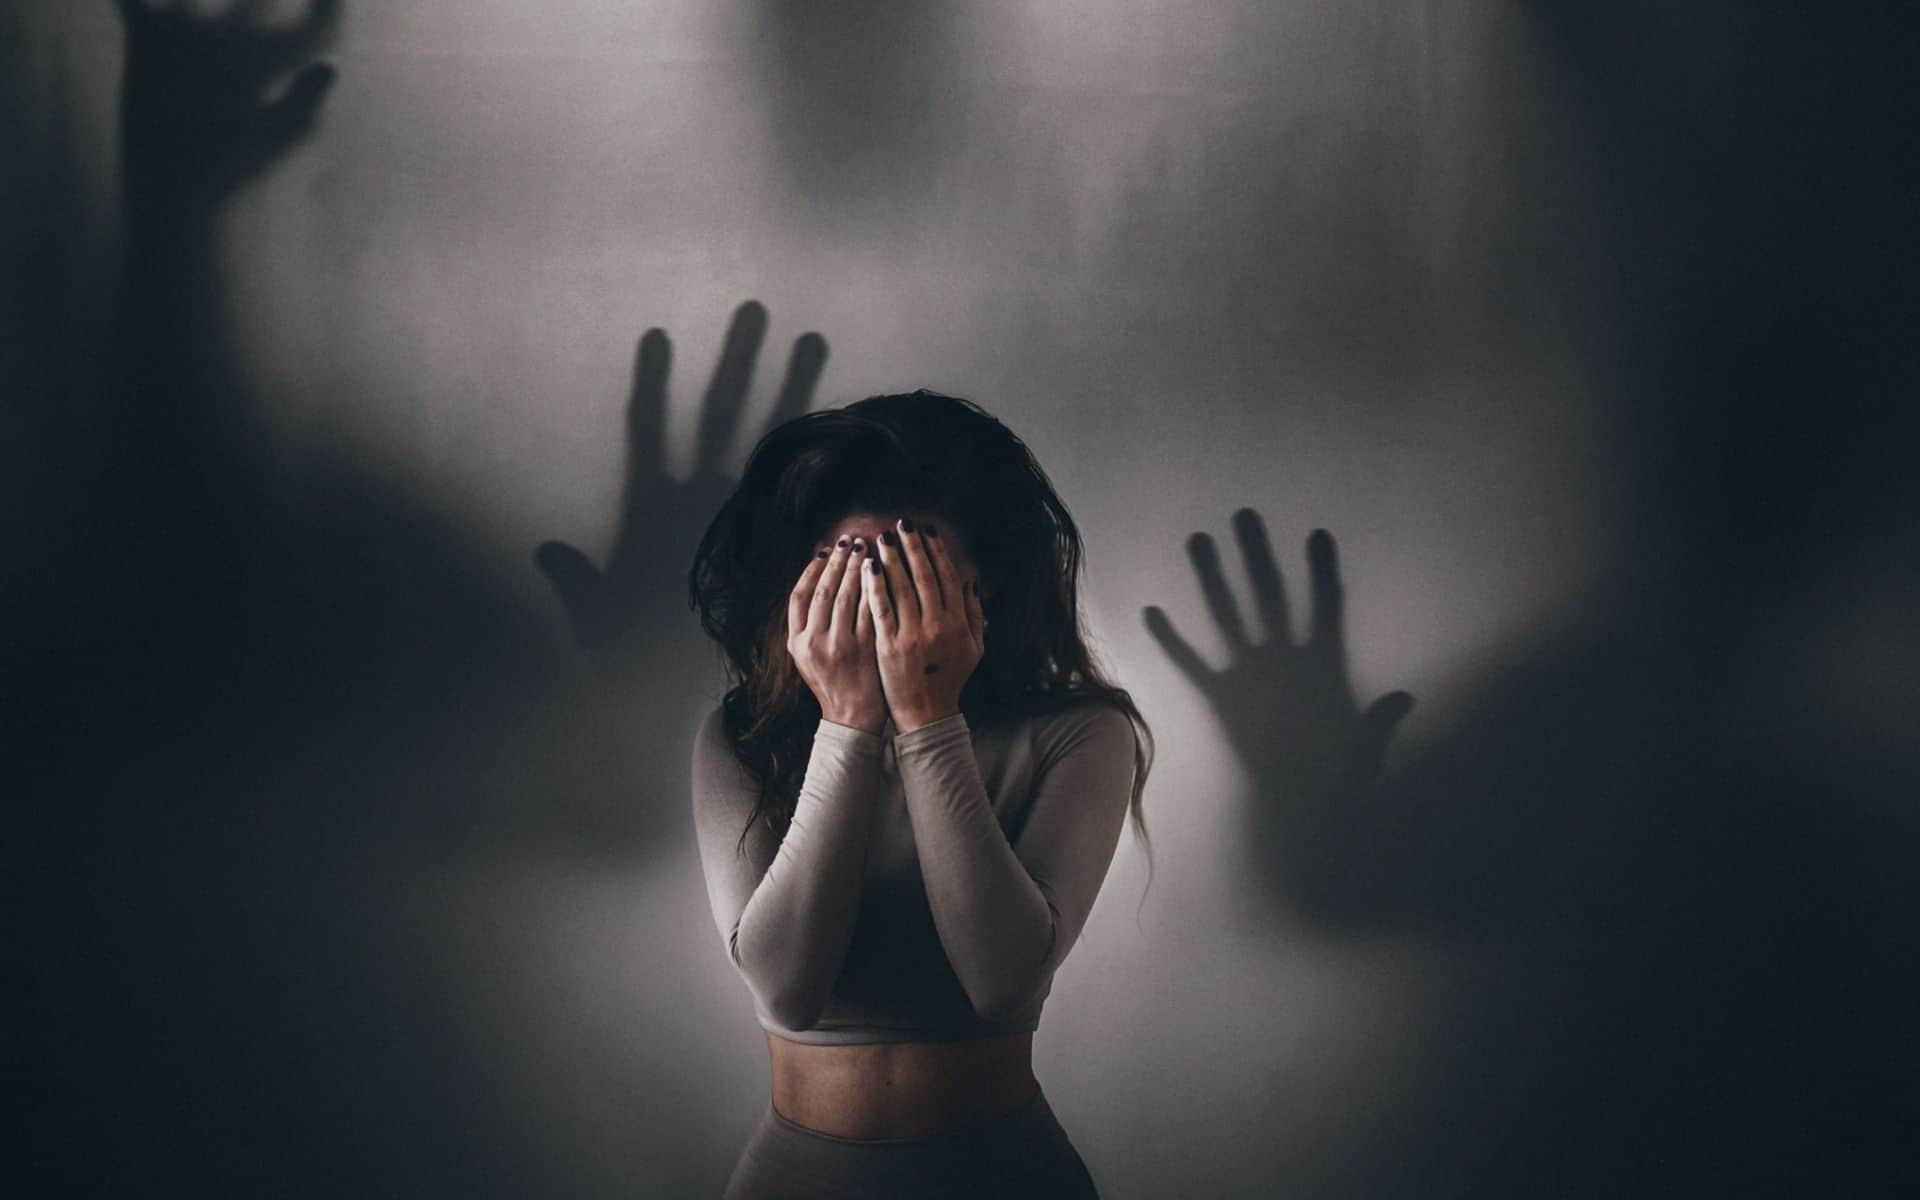 Молитва от плохих мыслей – помощь в тяжелые времена